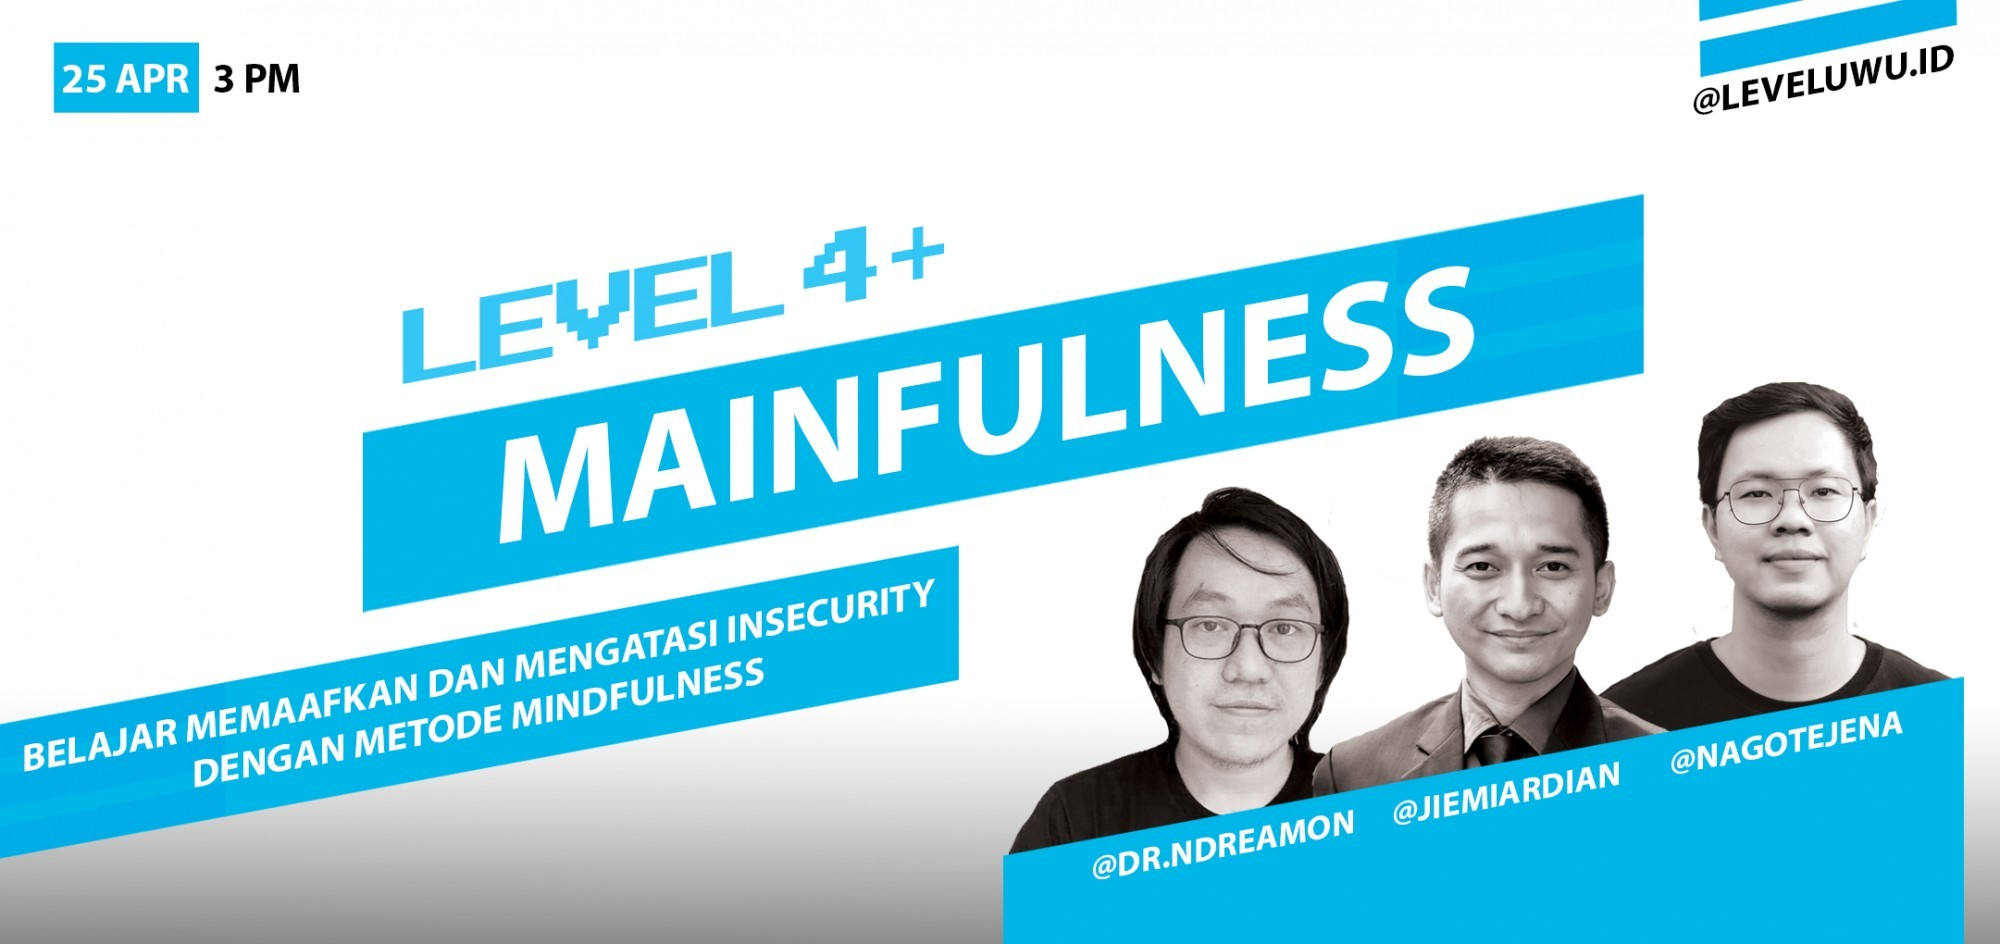 MAINFULNESS (Memaafkan dan Mengatasi Insecurity dengan Metode Mindfulness)